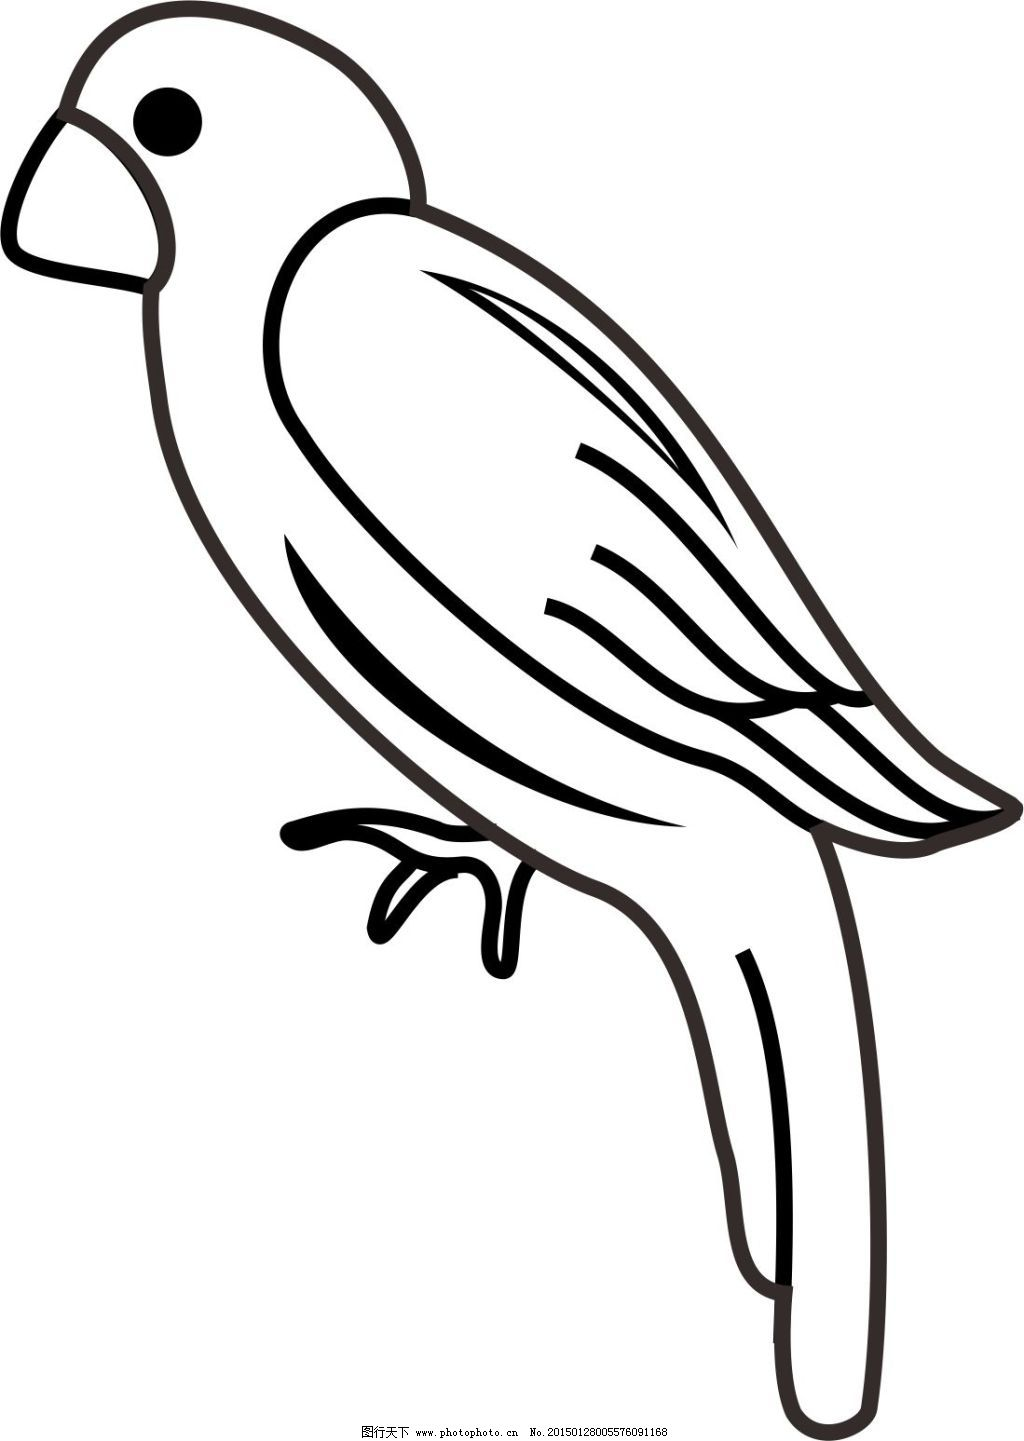 鸟 简笔画手绘